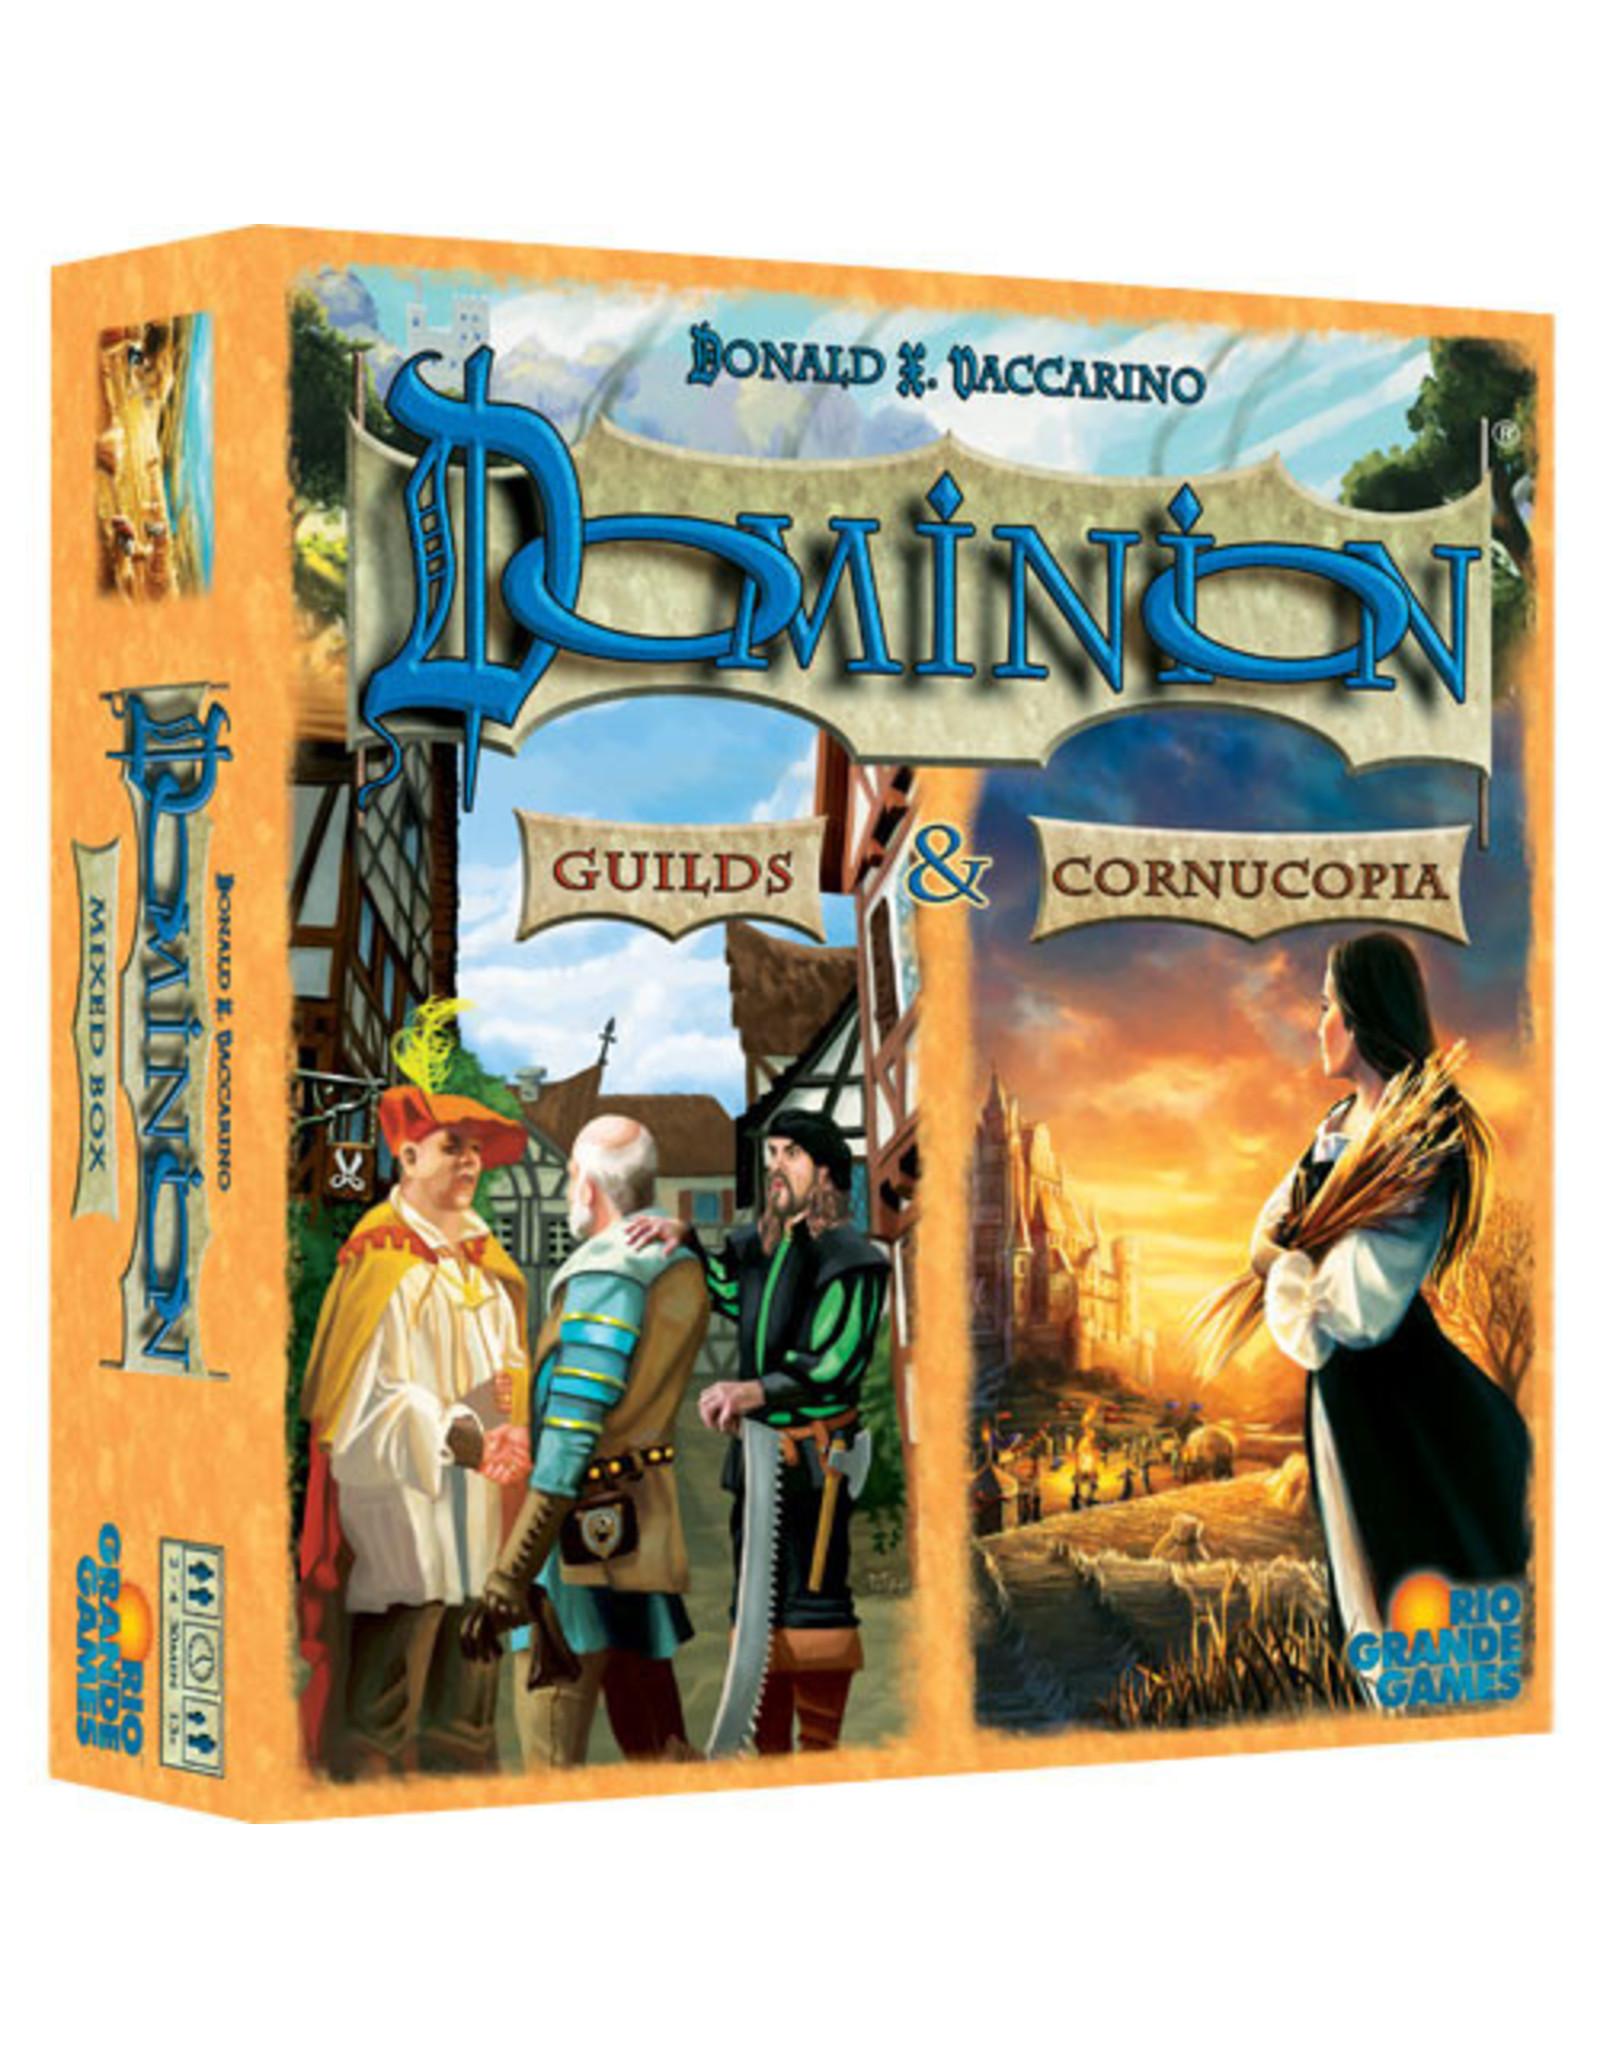 Rio Grande Games Dominion 2nd Ed guilds/Cornucopia Expansion